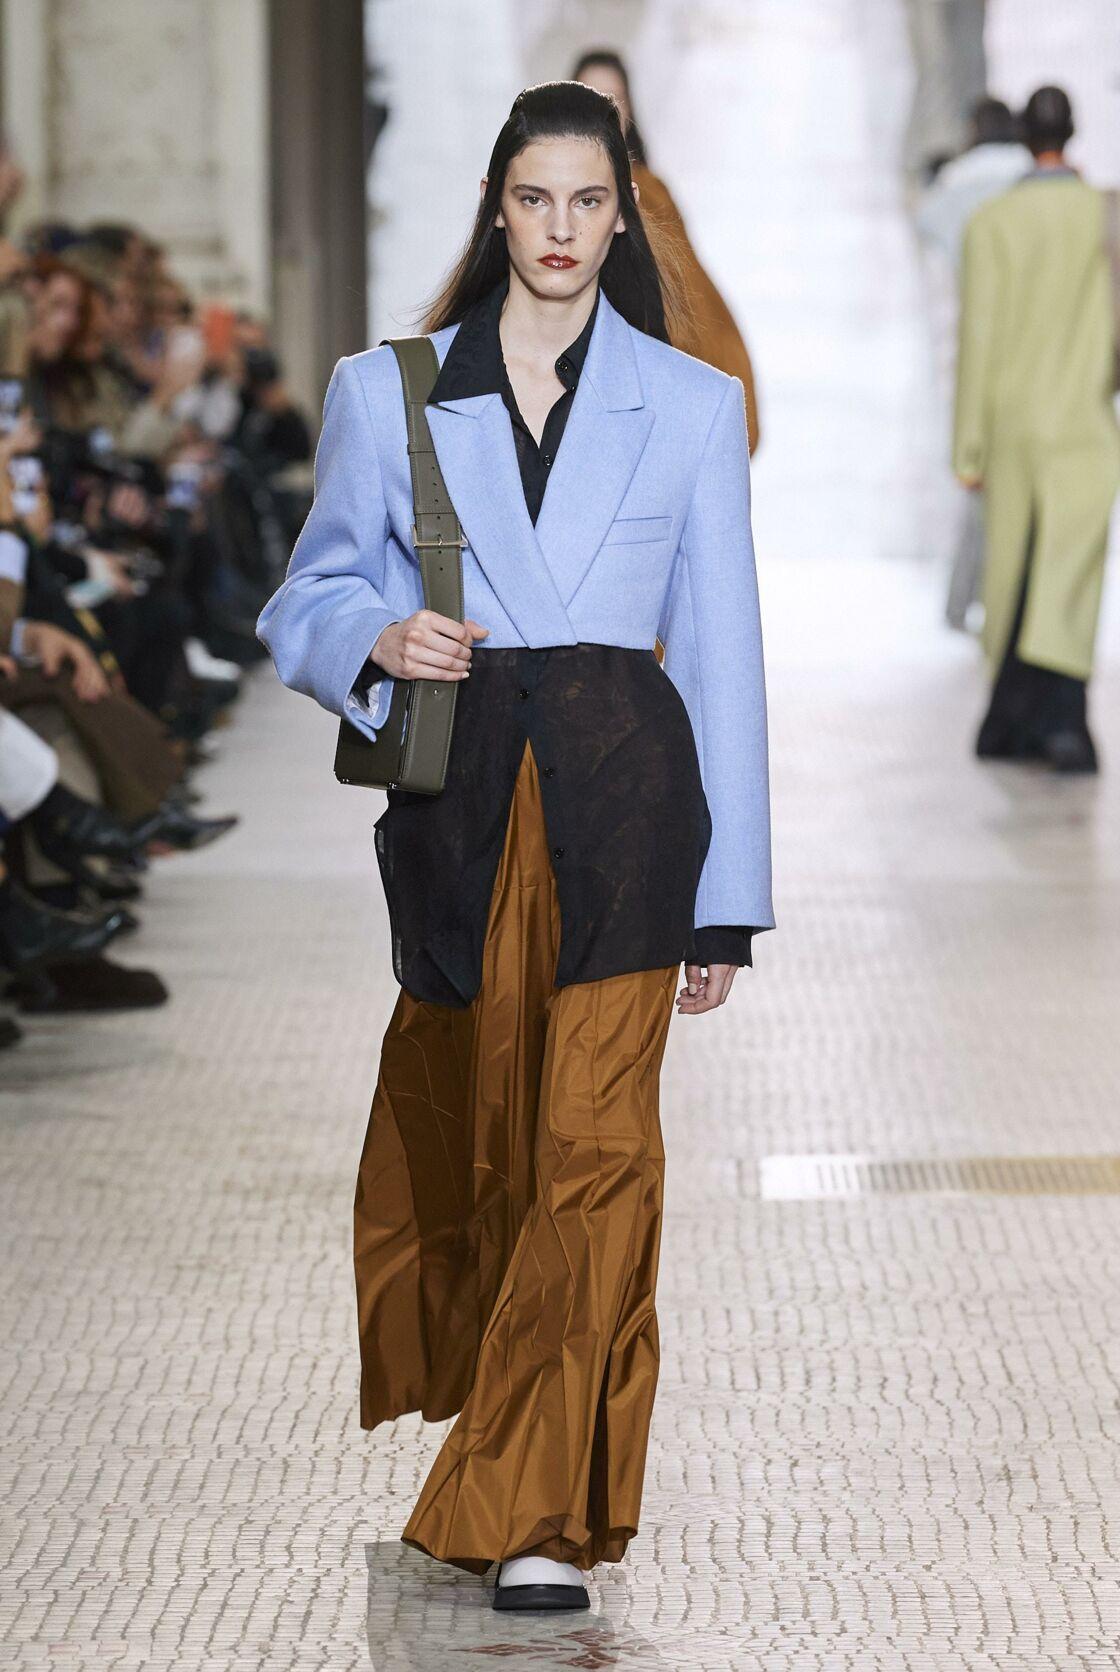 Le cropped blazer enfilé par dessus une chemise fluide proposé par Nina Ricci lors de son défilé automne-hiver 2020-2021